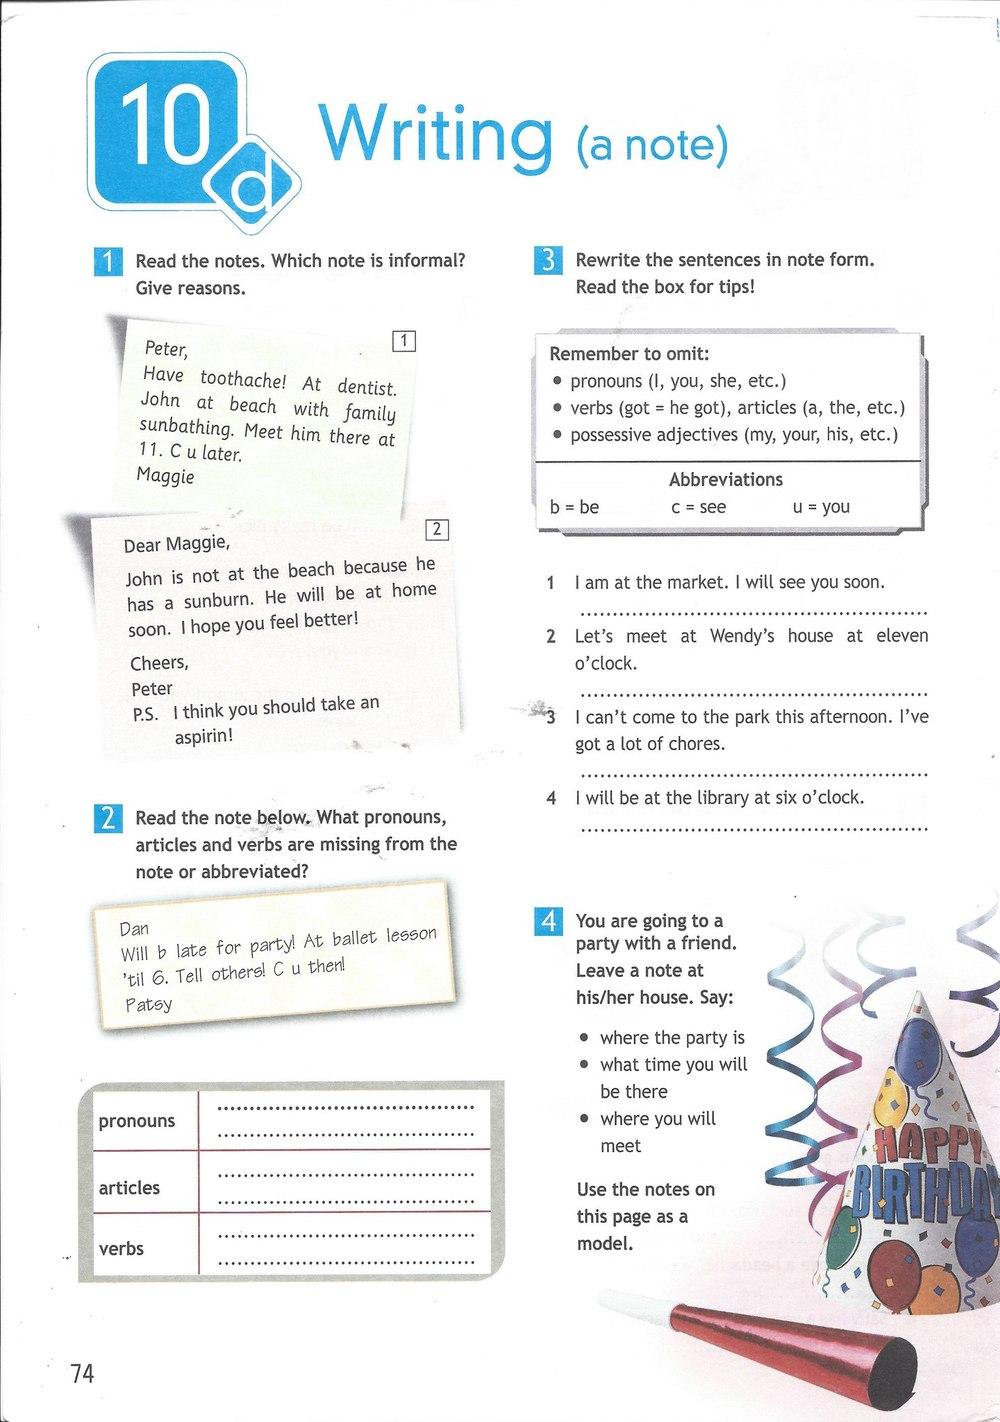 решебник по тетрадке английскому языку 5 класс